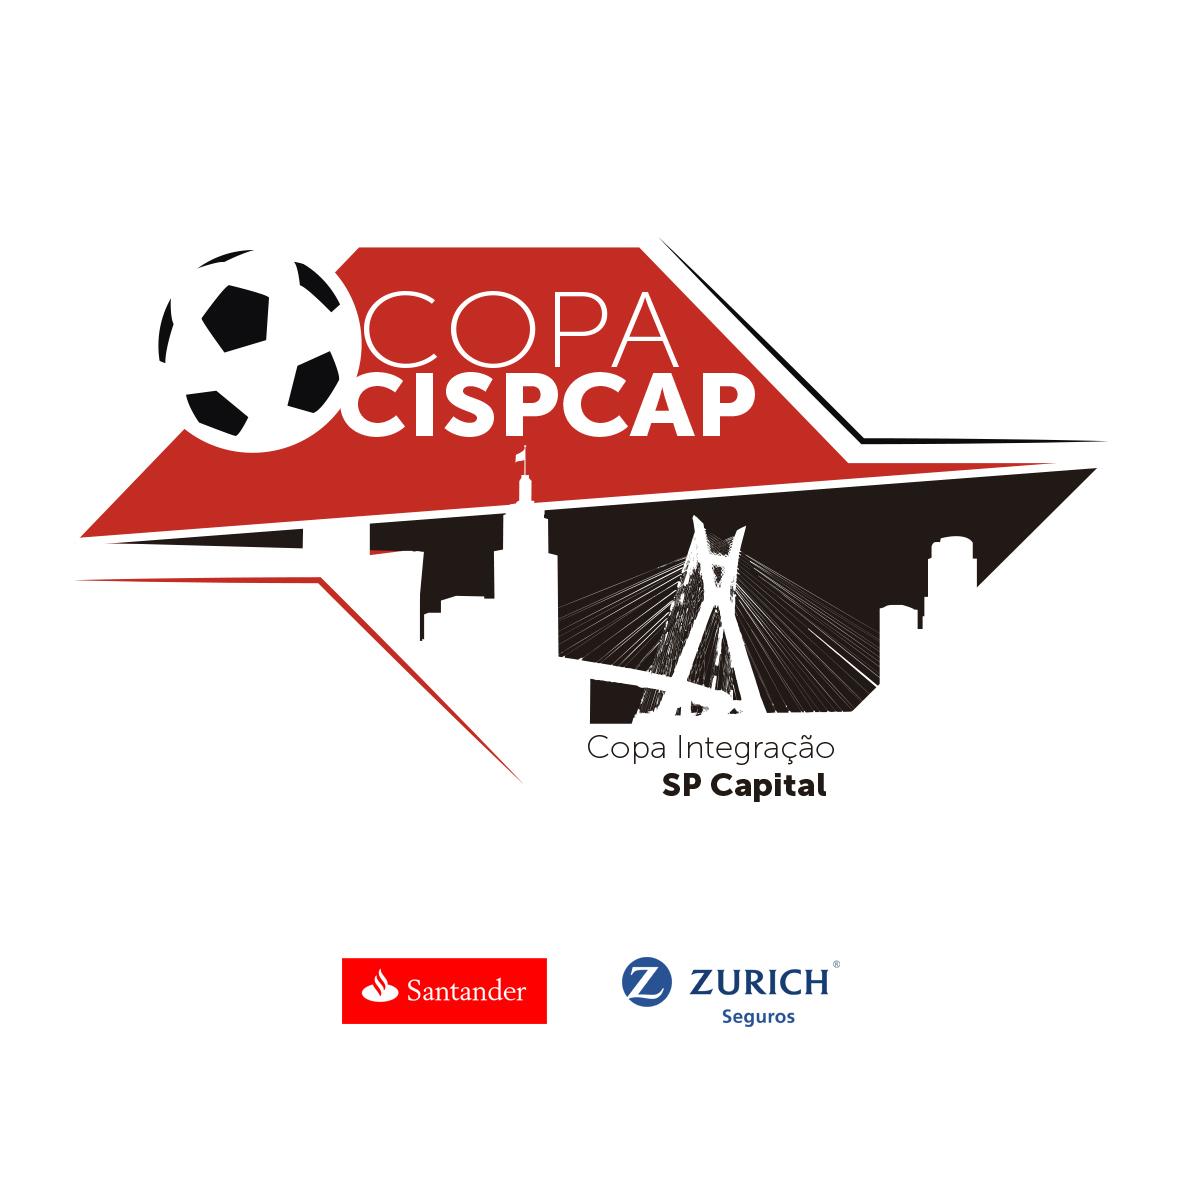 3ª CISPCAP Santander Zurich Série A